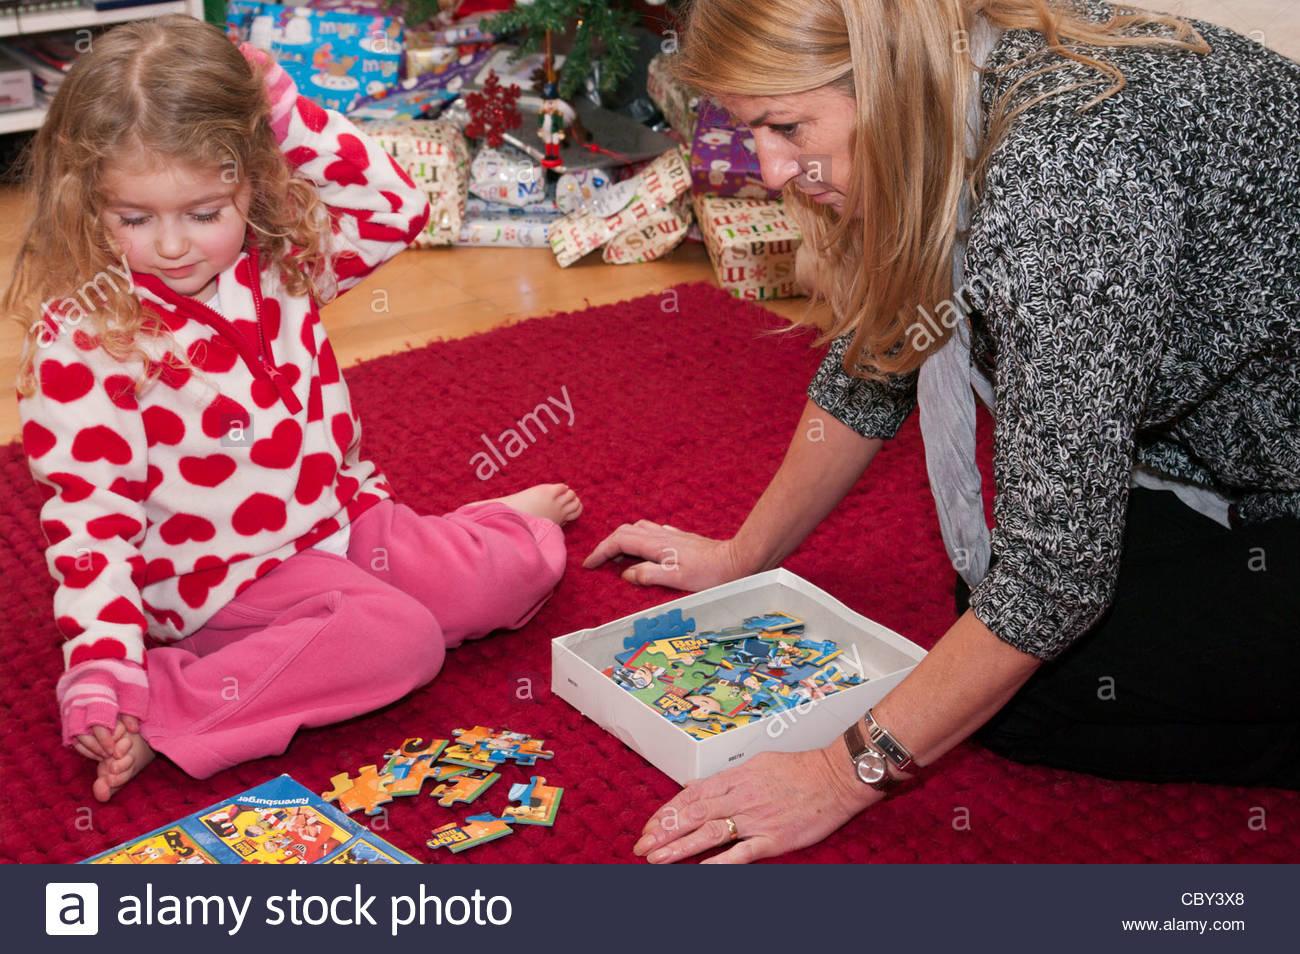 Enfant De 3 Ans Enfant Fille Enfant Jouant Avec Un Adulte destiné Puzzle Fille 3 Ans